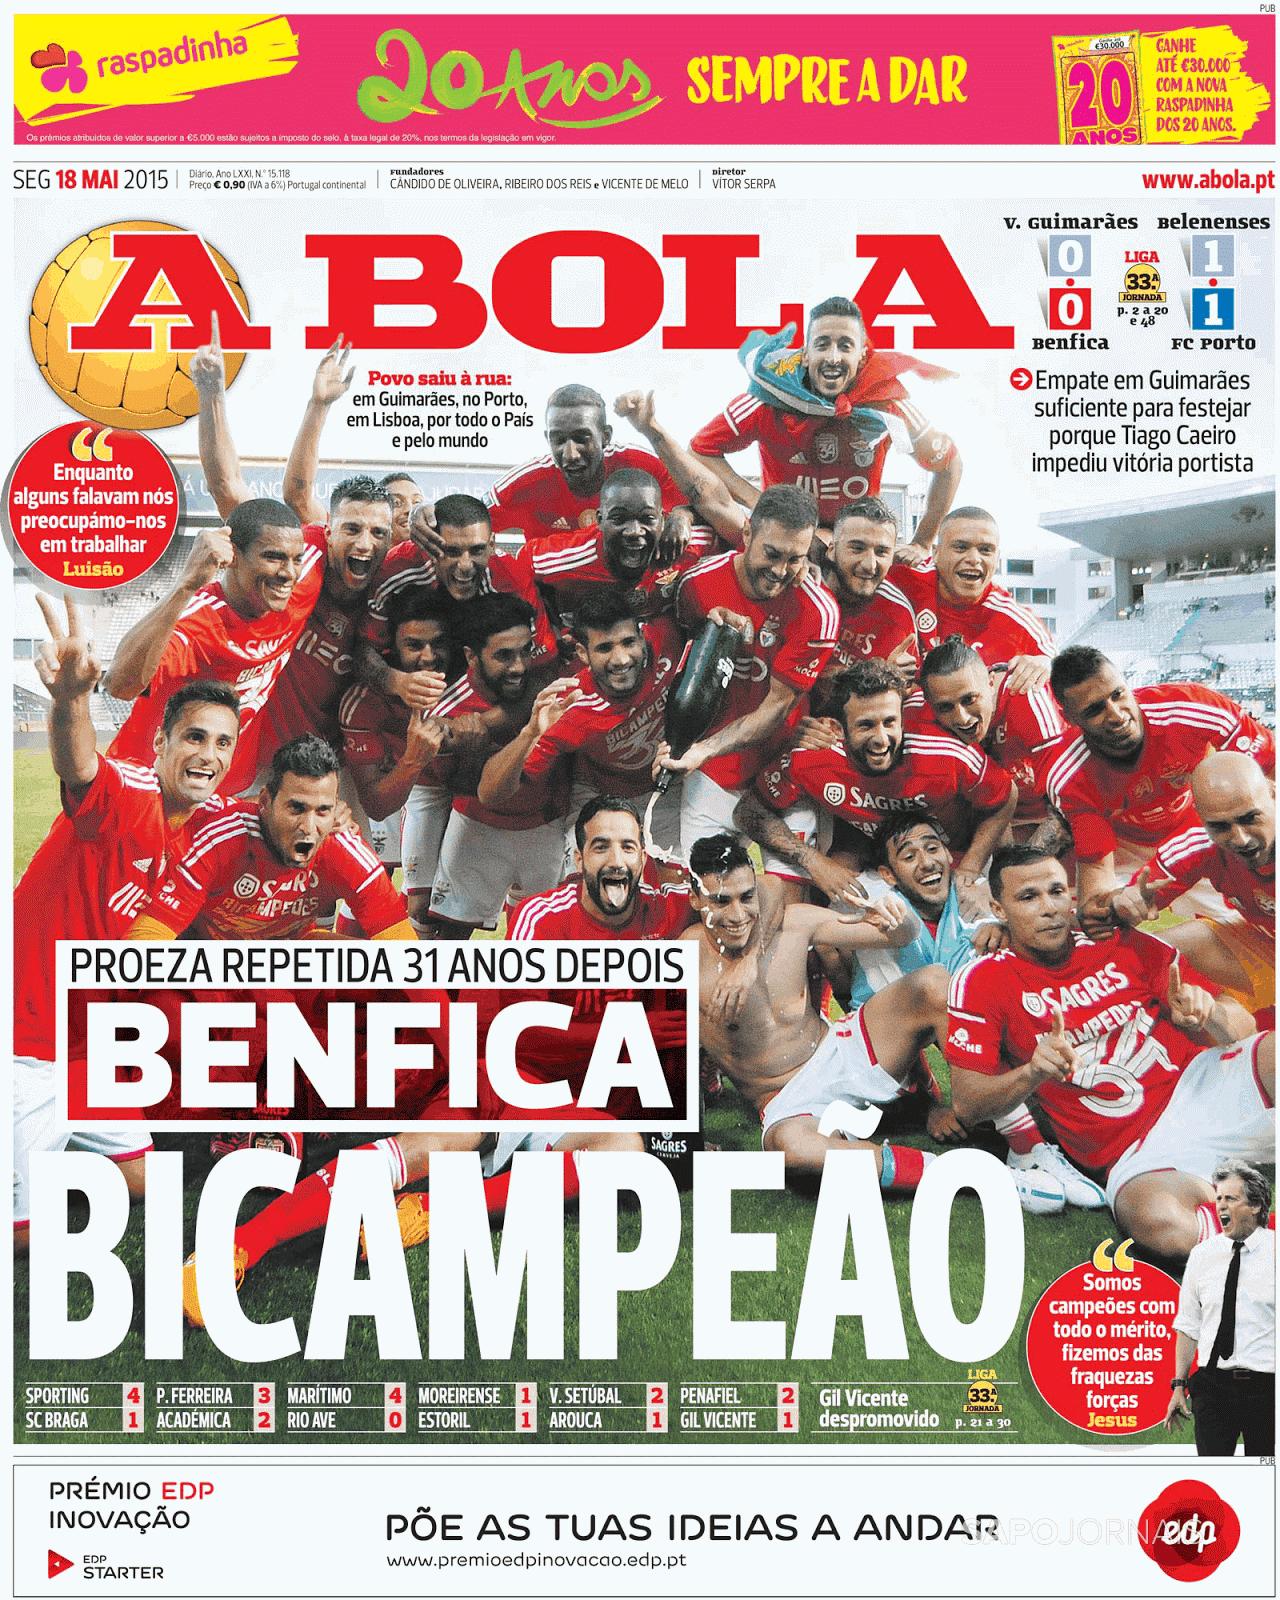 Benfica Bicampeão 14*15